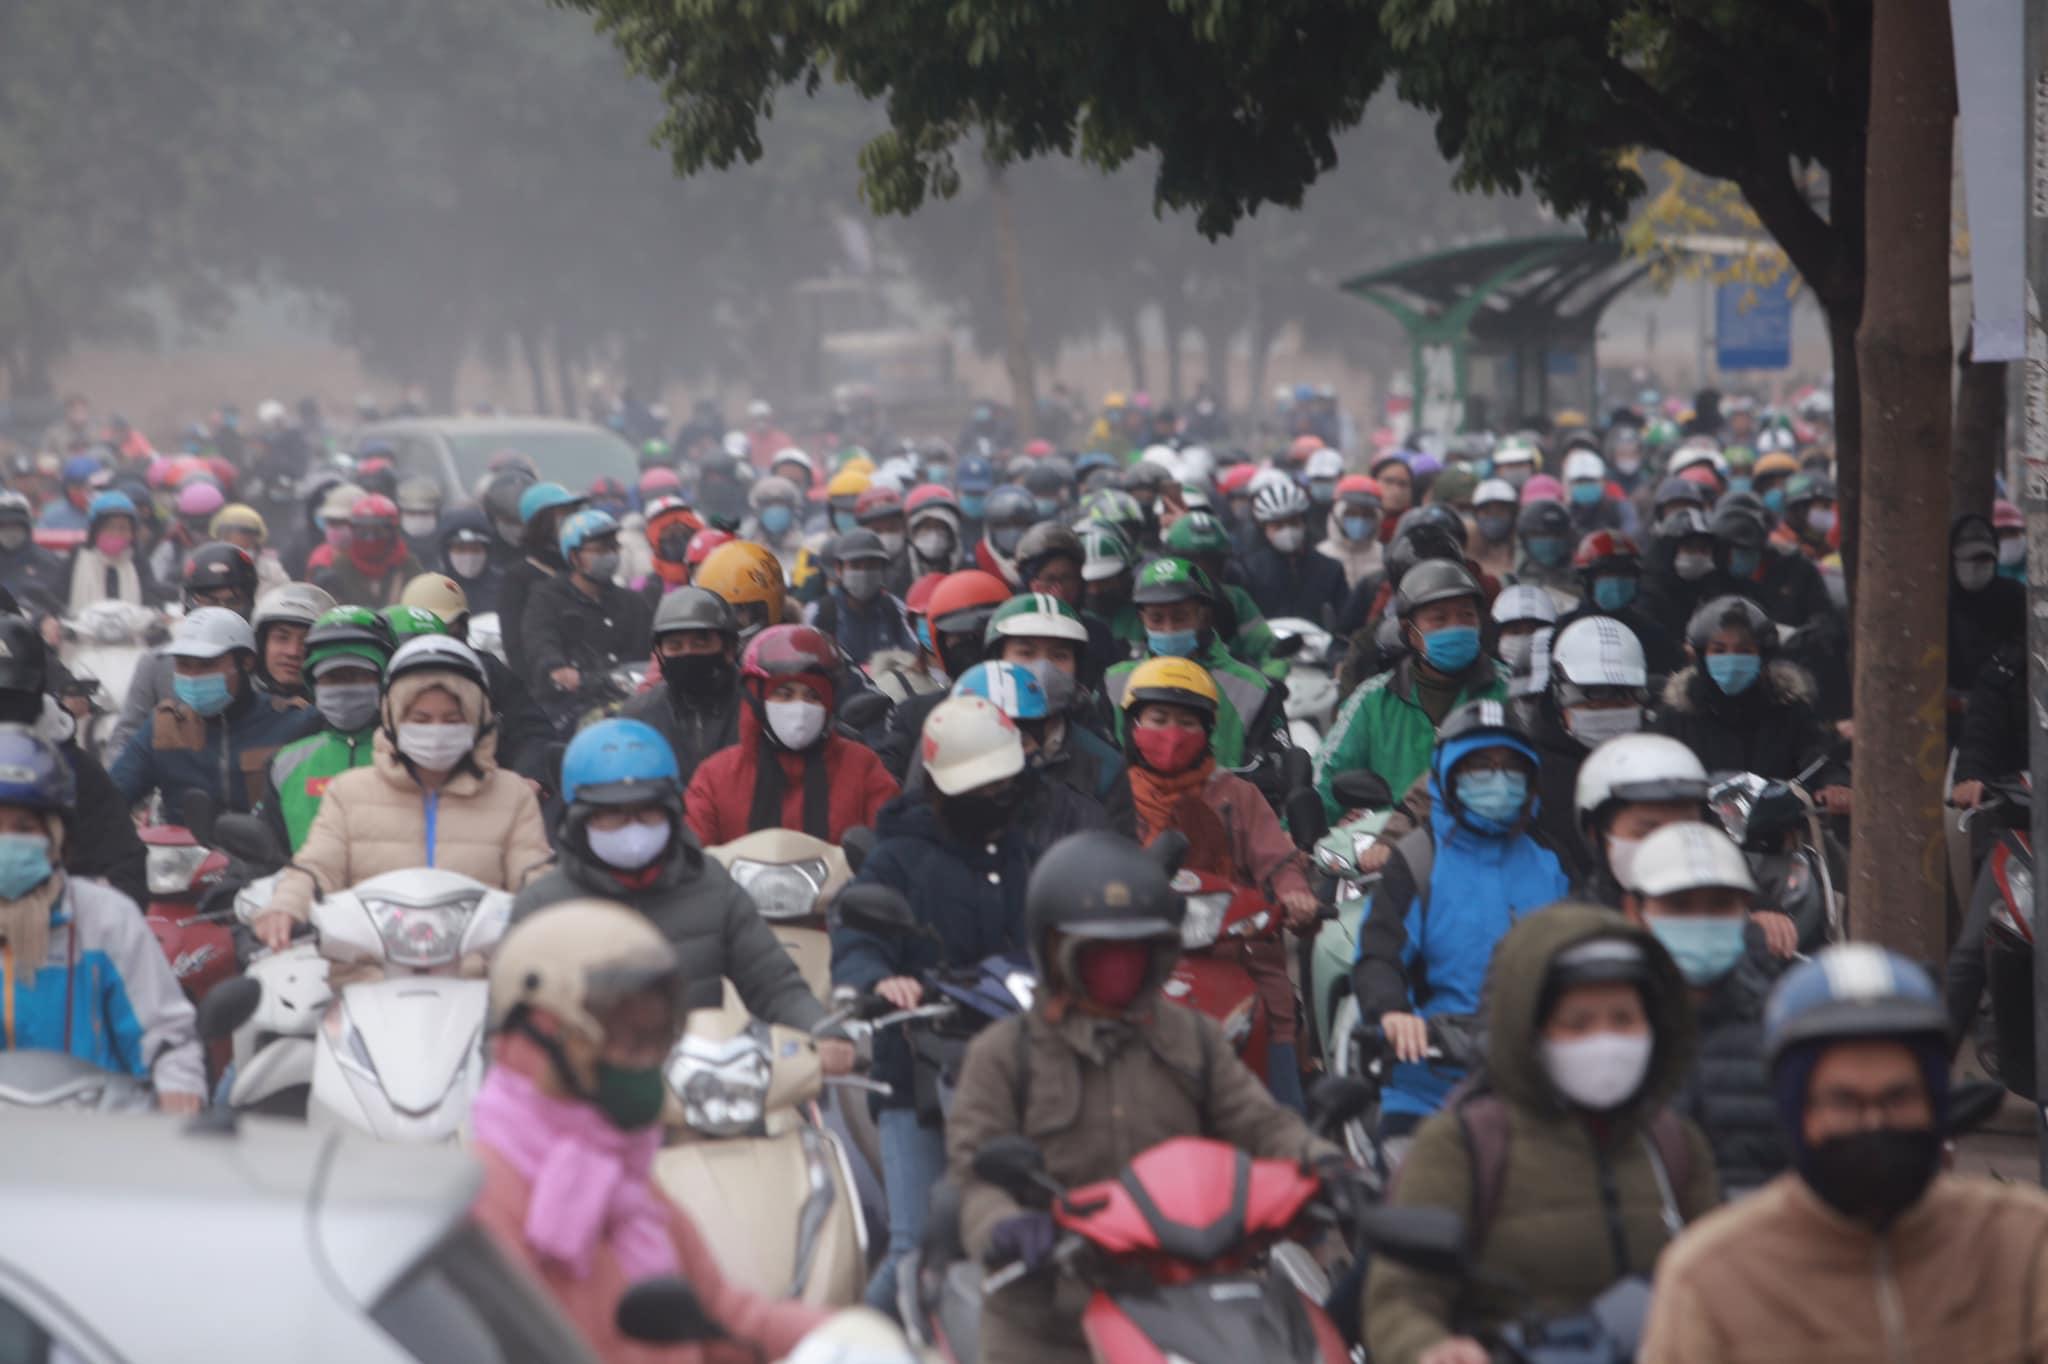 Hà Nội ùn tắc kinh hoàng trên đường Phạm Hùng - 7